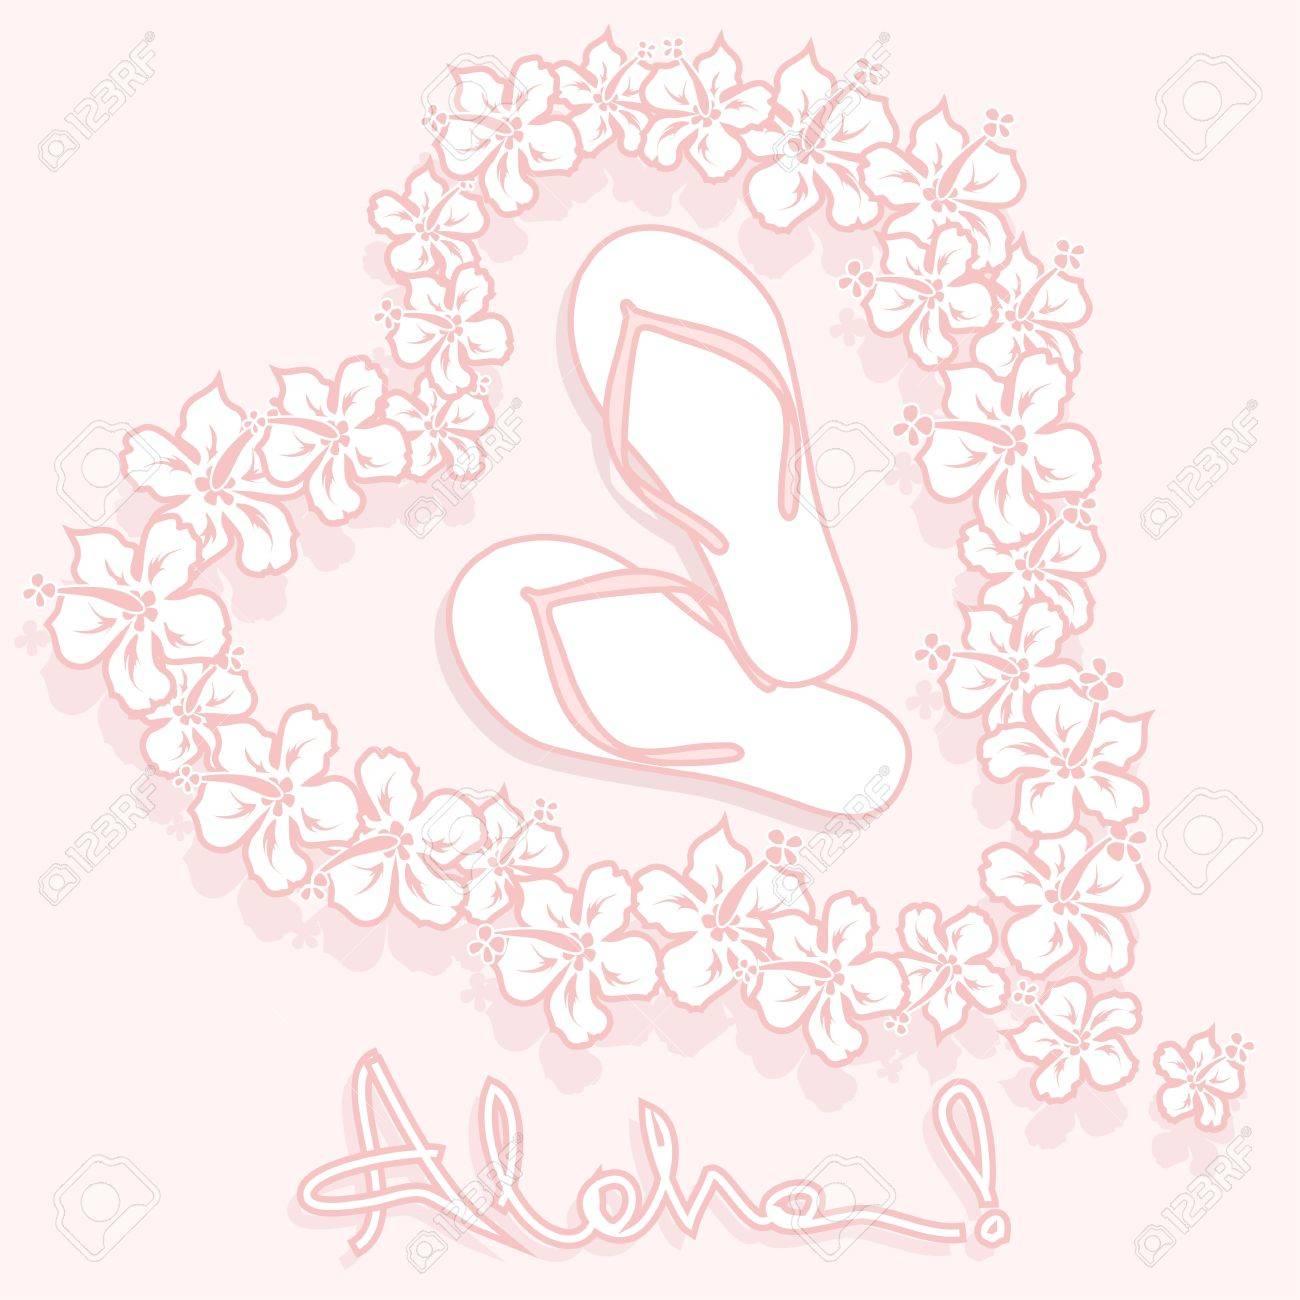 Illustration of hawaiian flower garland flip flops and text illustration of hawaiian flower garland flip flops and text aloha stock vector 18853668 izmirmasajfo